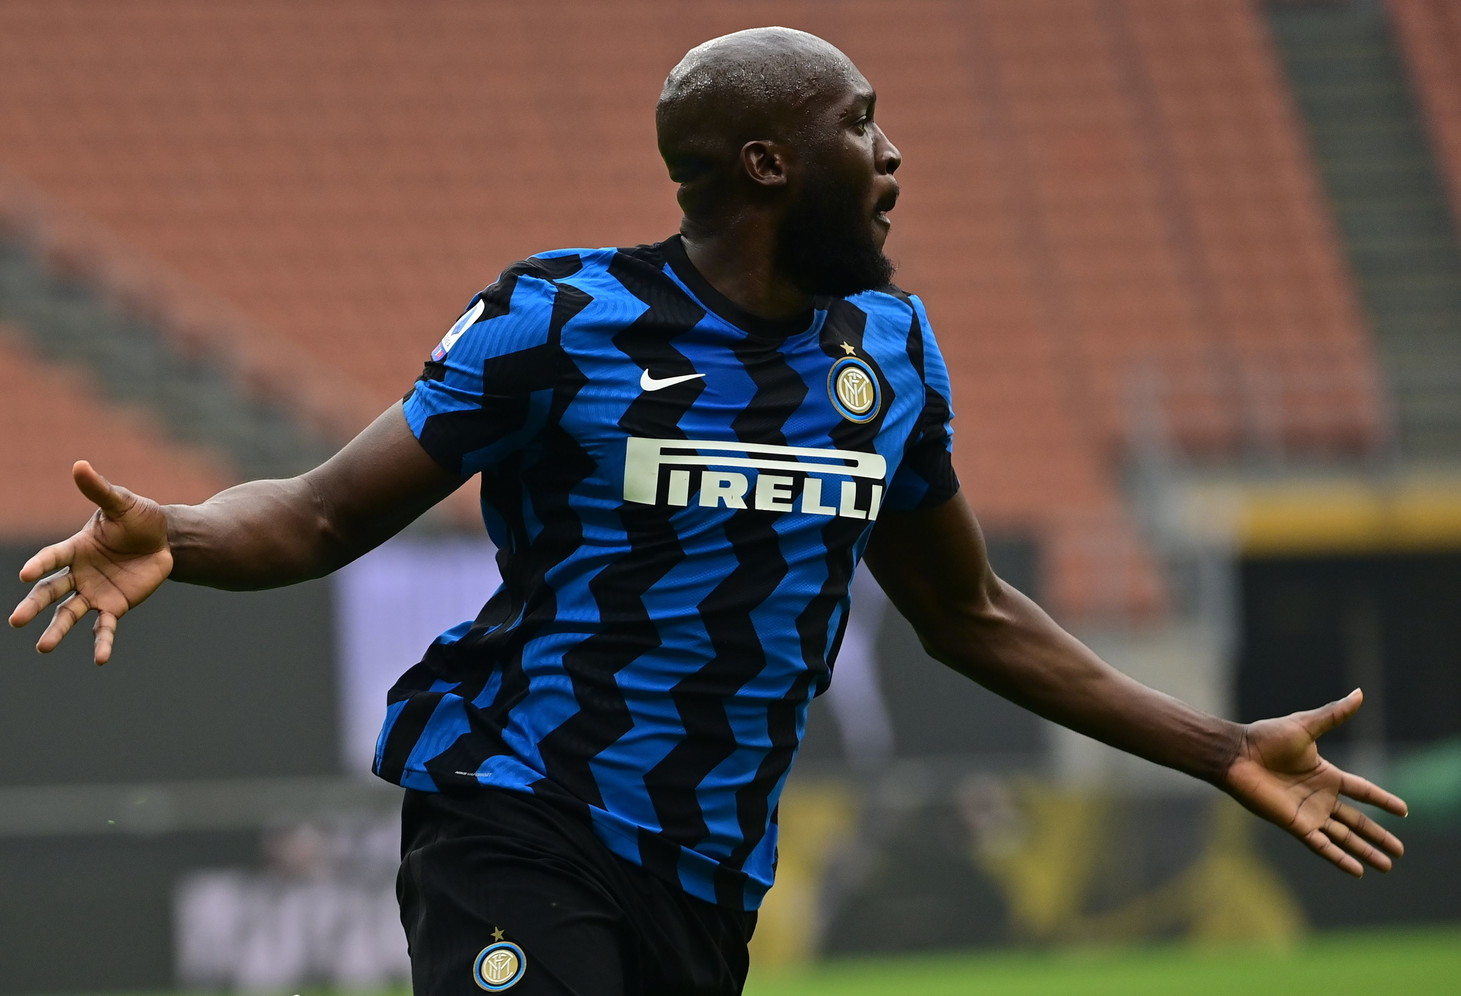 1) Lukaku (Inter): ha partecipato a 24 gol, 18 gol e 6 assist